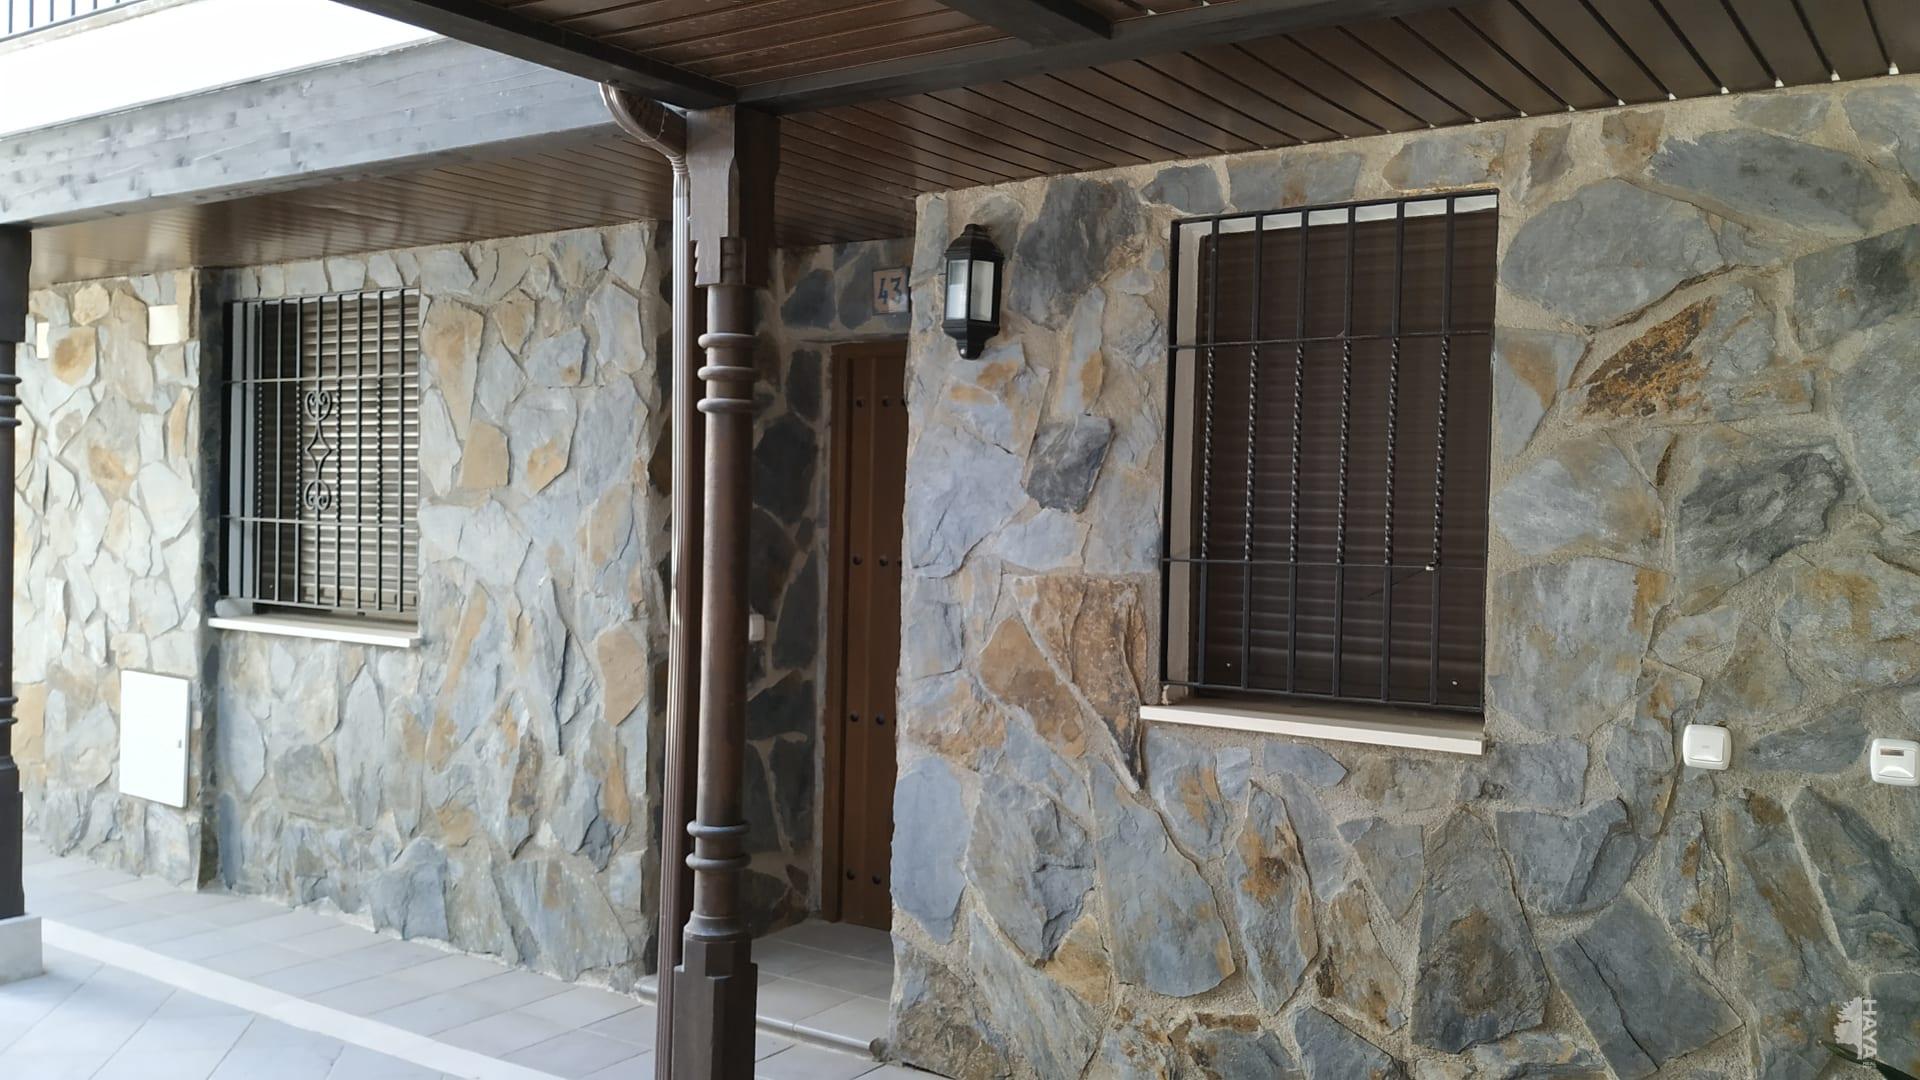 Piso en venta en Güéjar Sierra, Güejar Sierra, Granada, Calle Serpentina, 62.000 €, 2 habitaciones, 1 baño, 99 m2